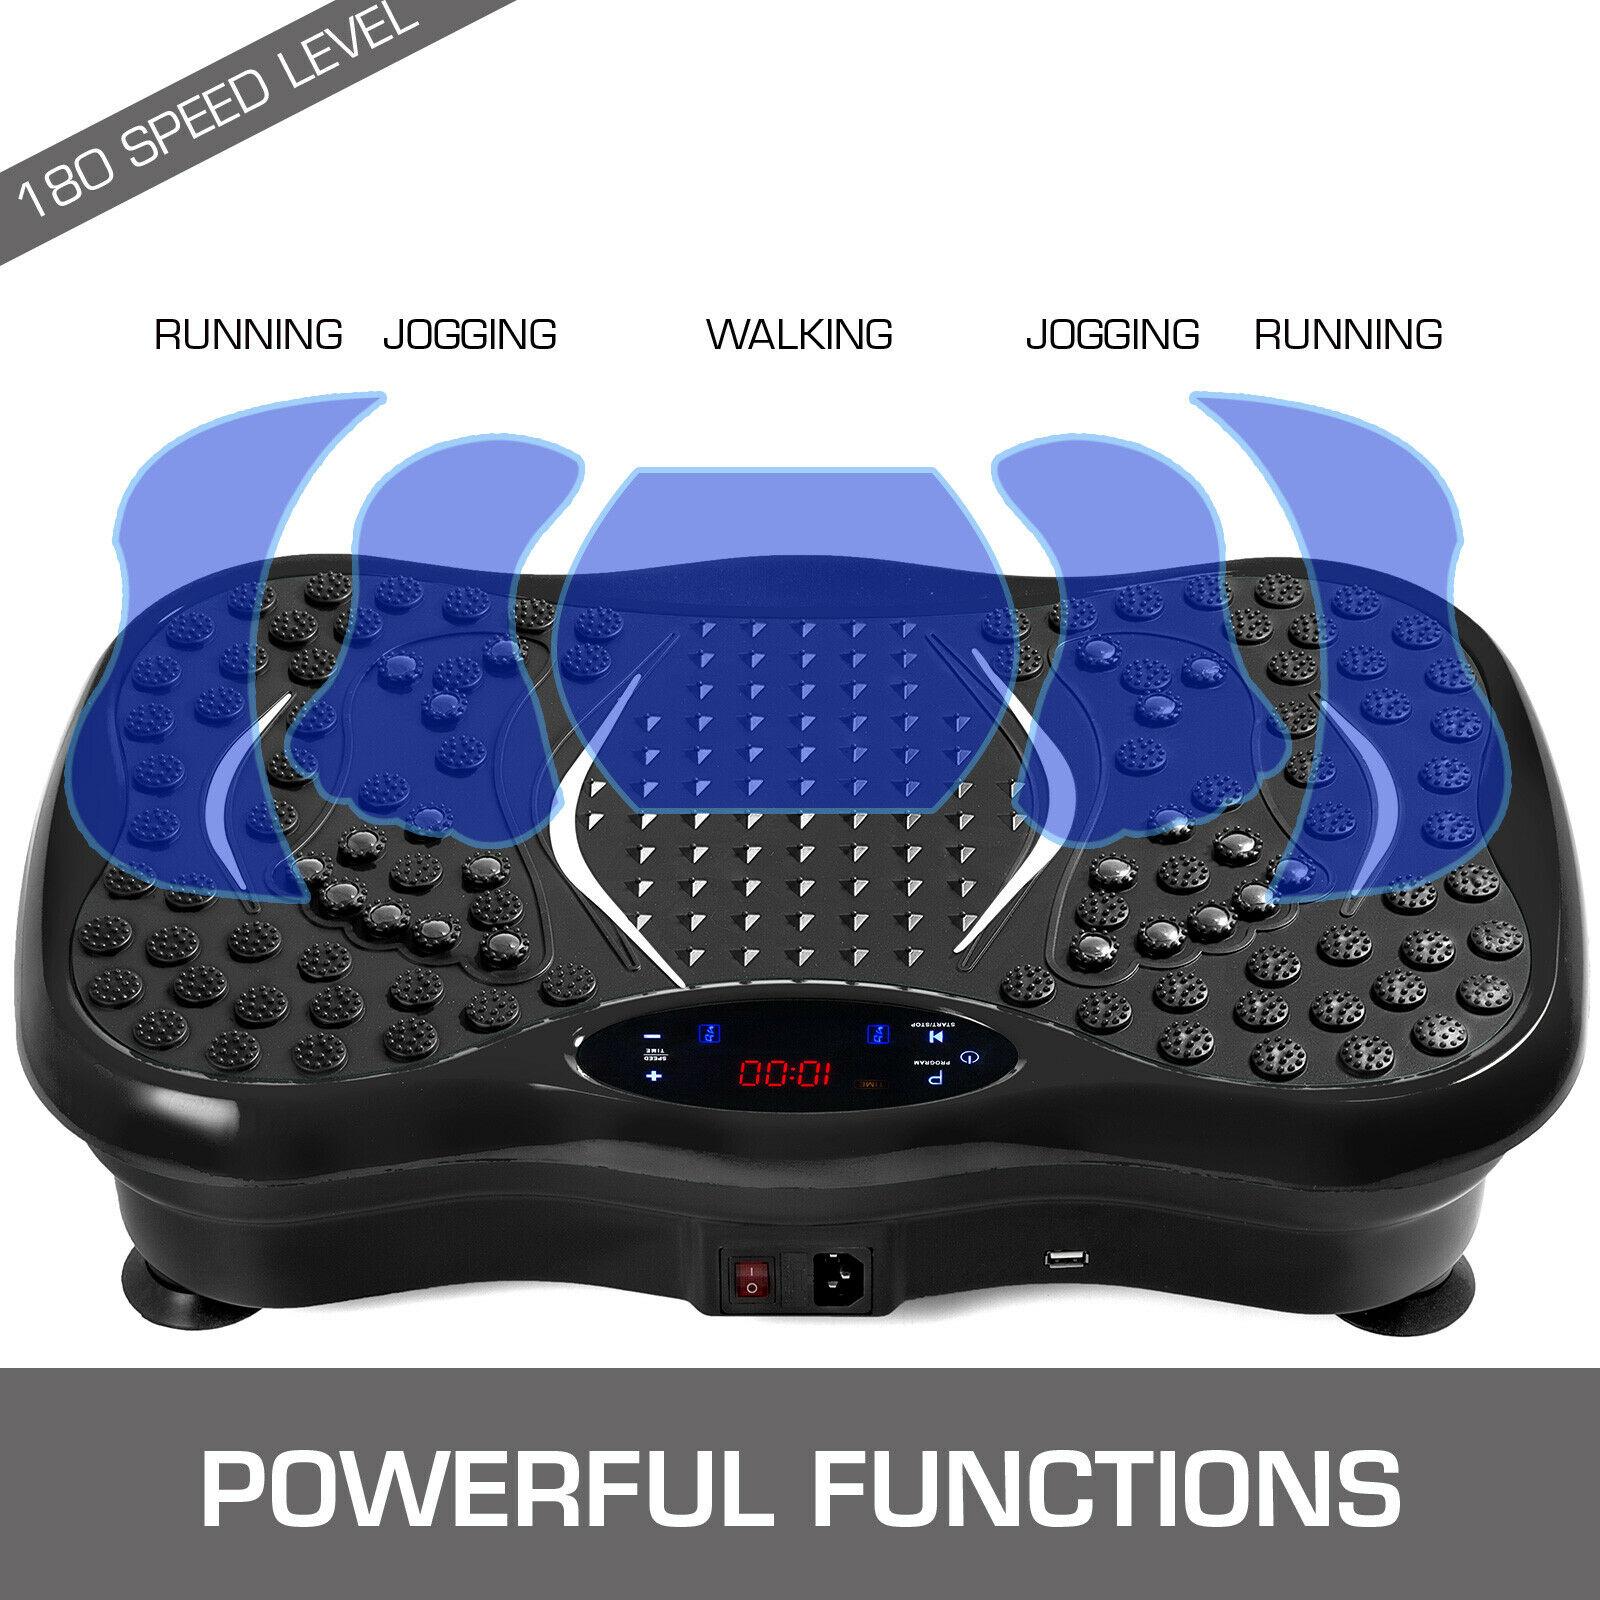 3D Vibrating Platform 180 Level Vibrating Slimming Platform 180 Level Vibrating Platform Vibro Shaper with Anti-Slip Surface